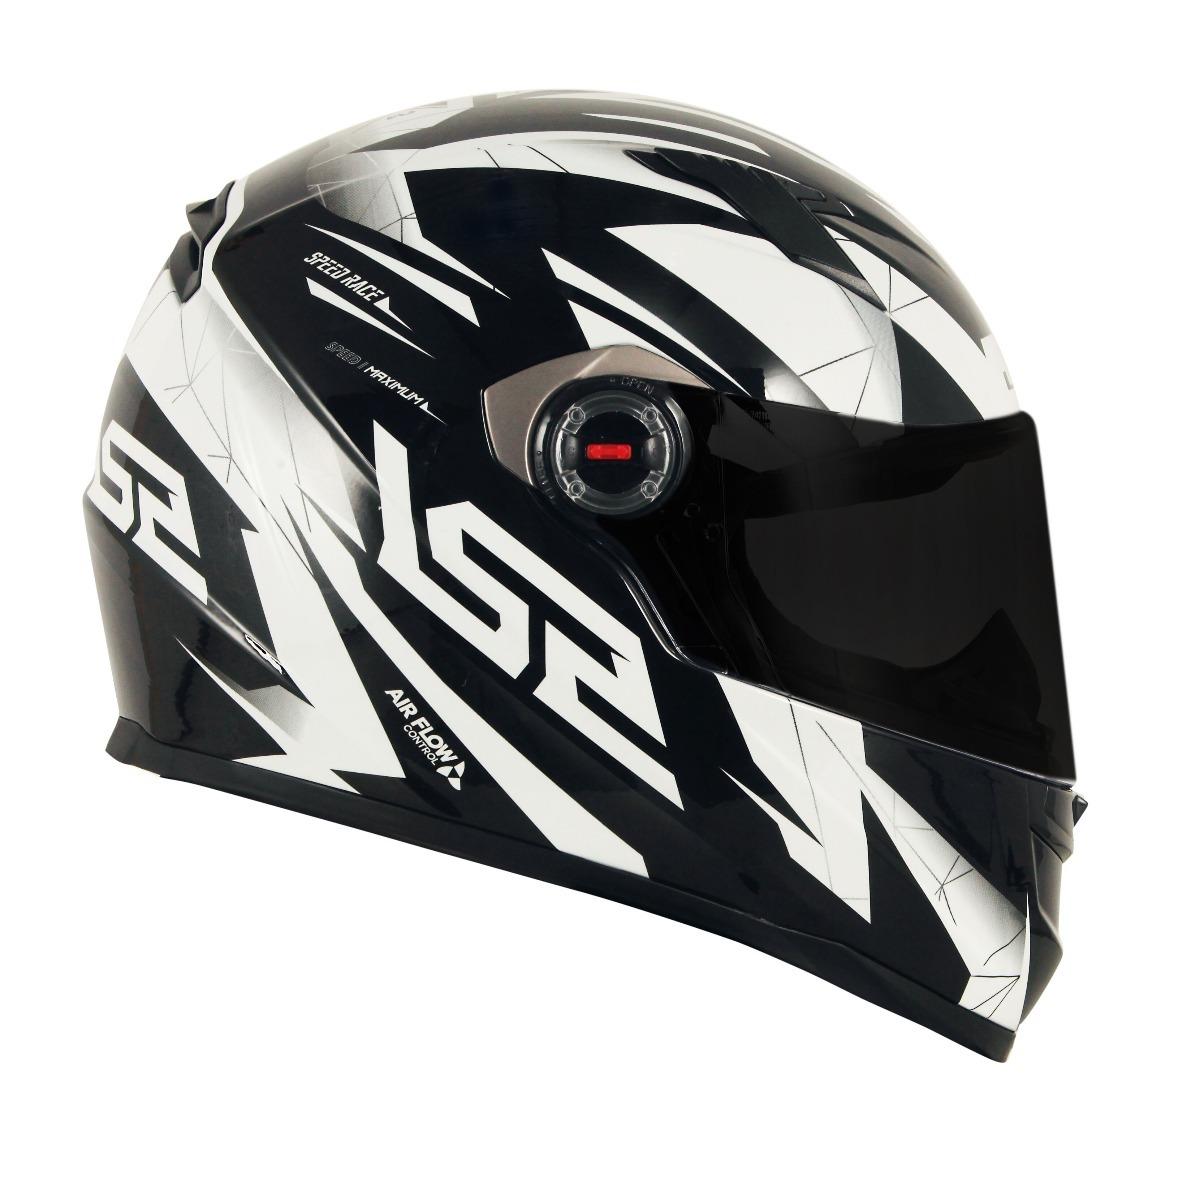 capacete ls2 ff358 draze preto branco. Carregando zoom. 38f2c510396